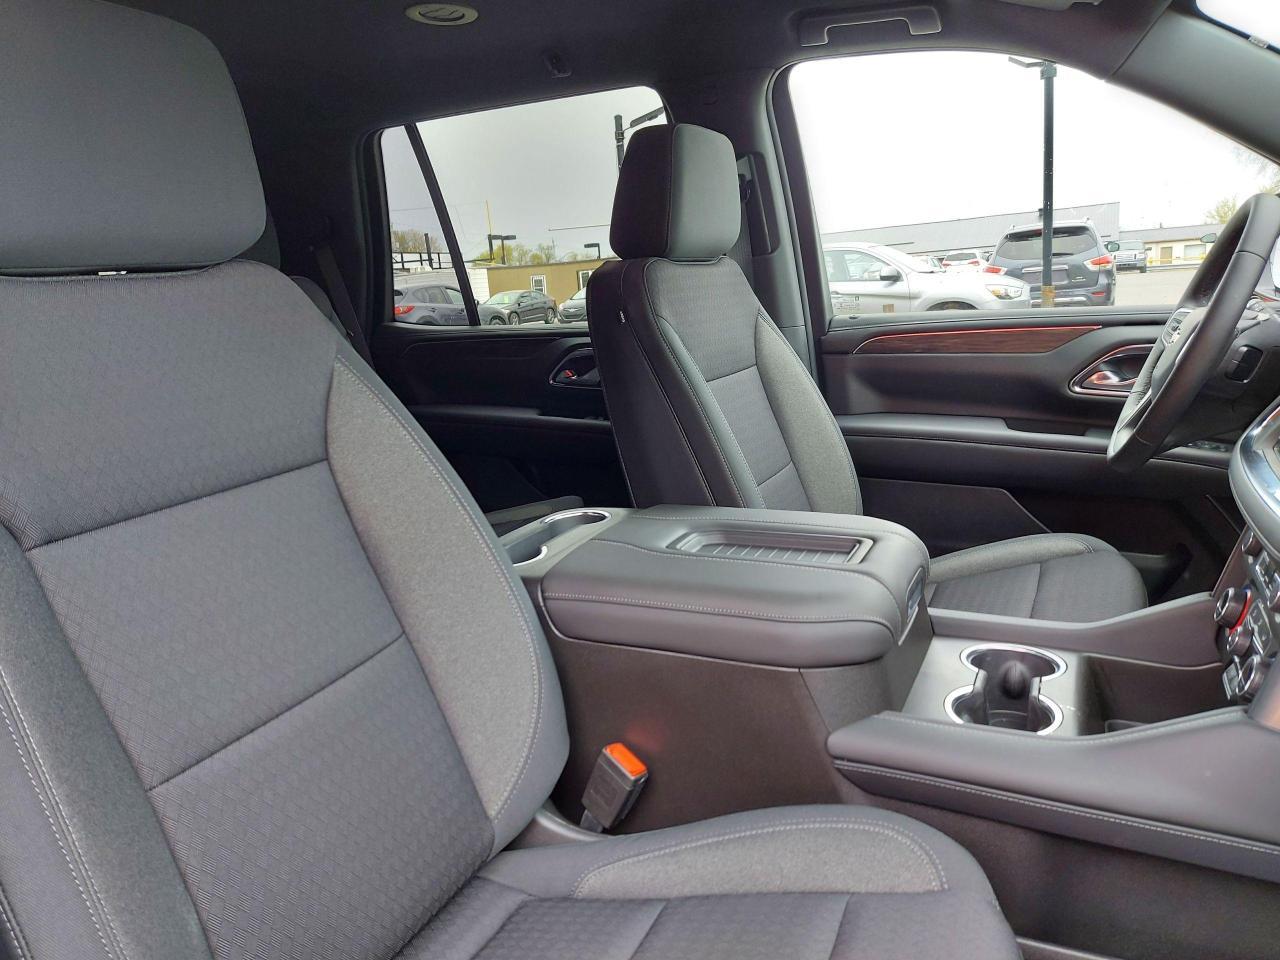 2021 Chevrolet Tahoe